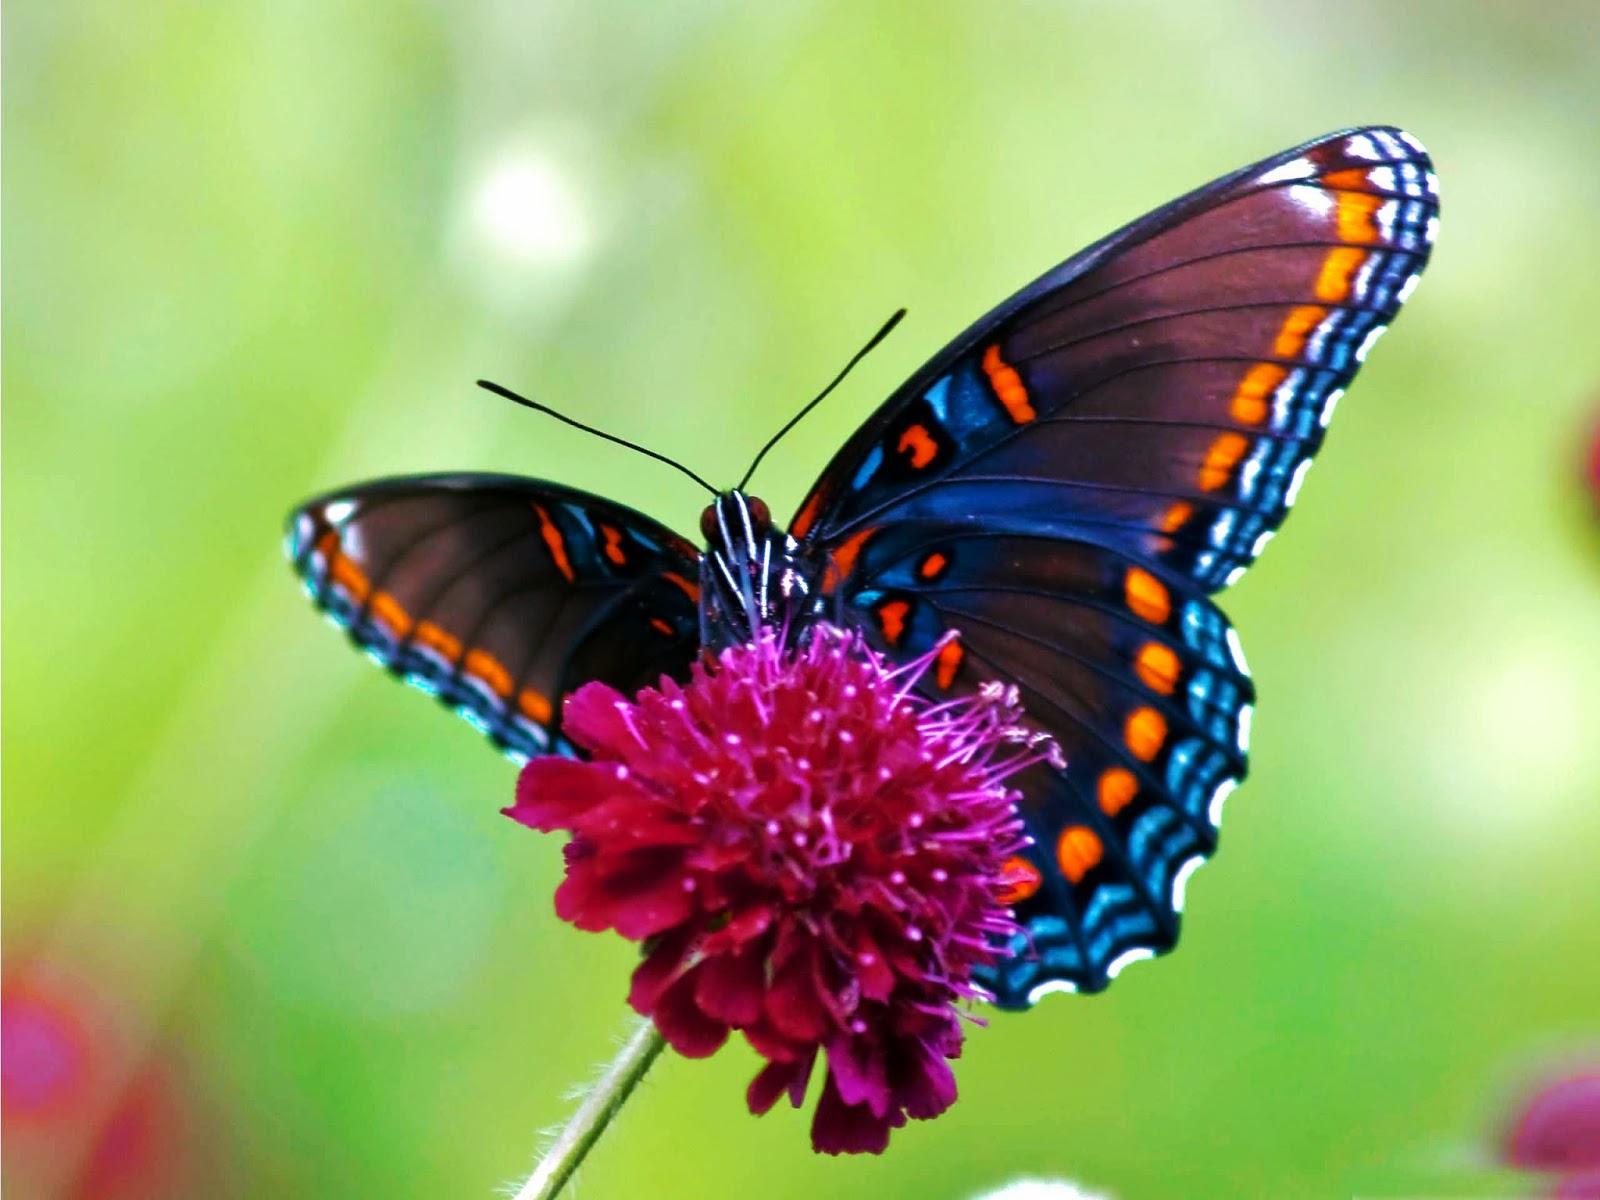 فراشات ملونة (1)